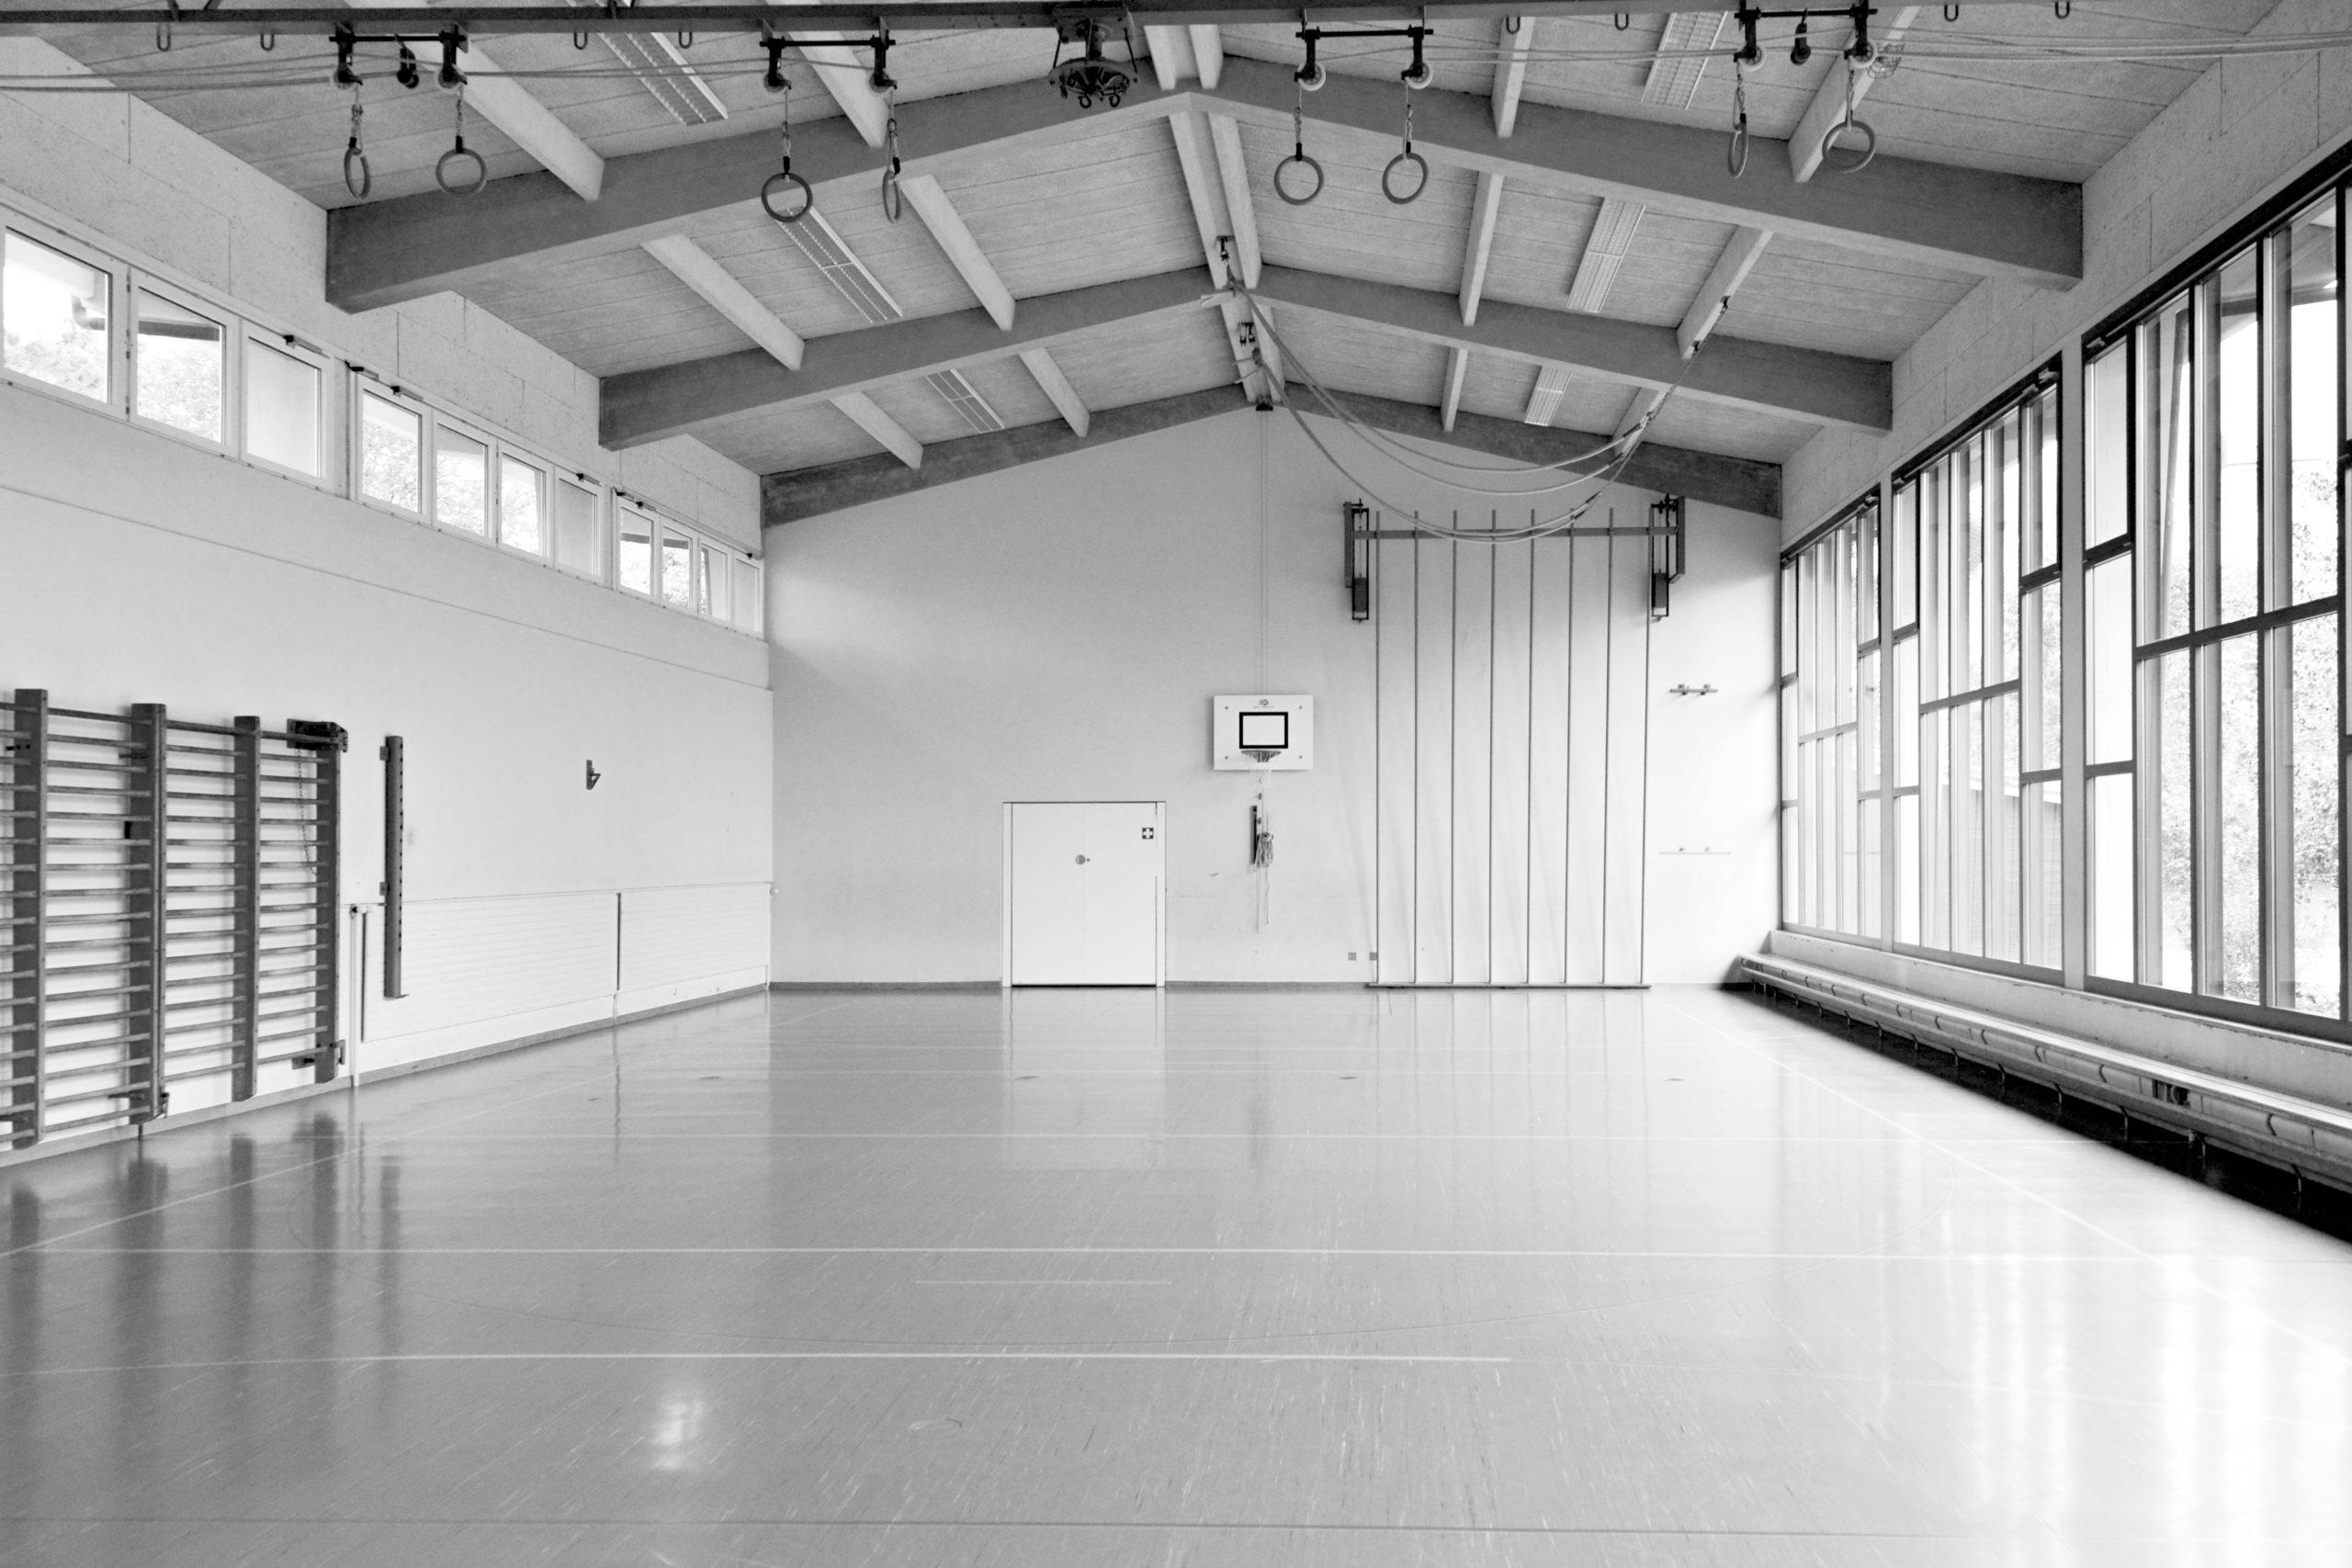 STUDIO CORNEL STAEHELI Schulraumerweiterung und Neubau Doppelturnhalle SH Kastels Bestand